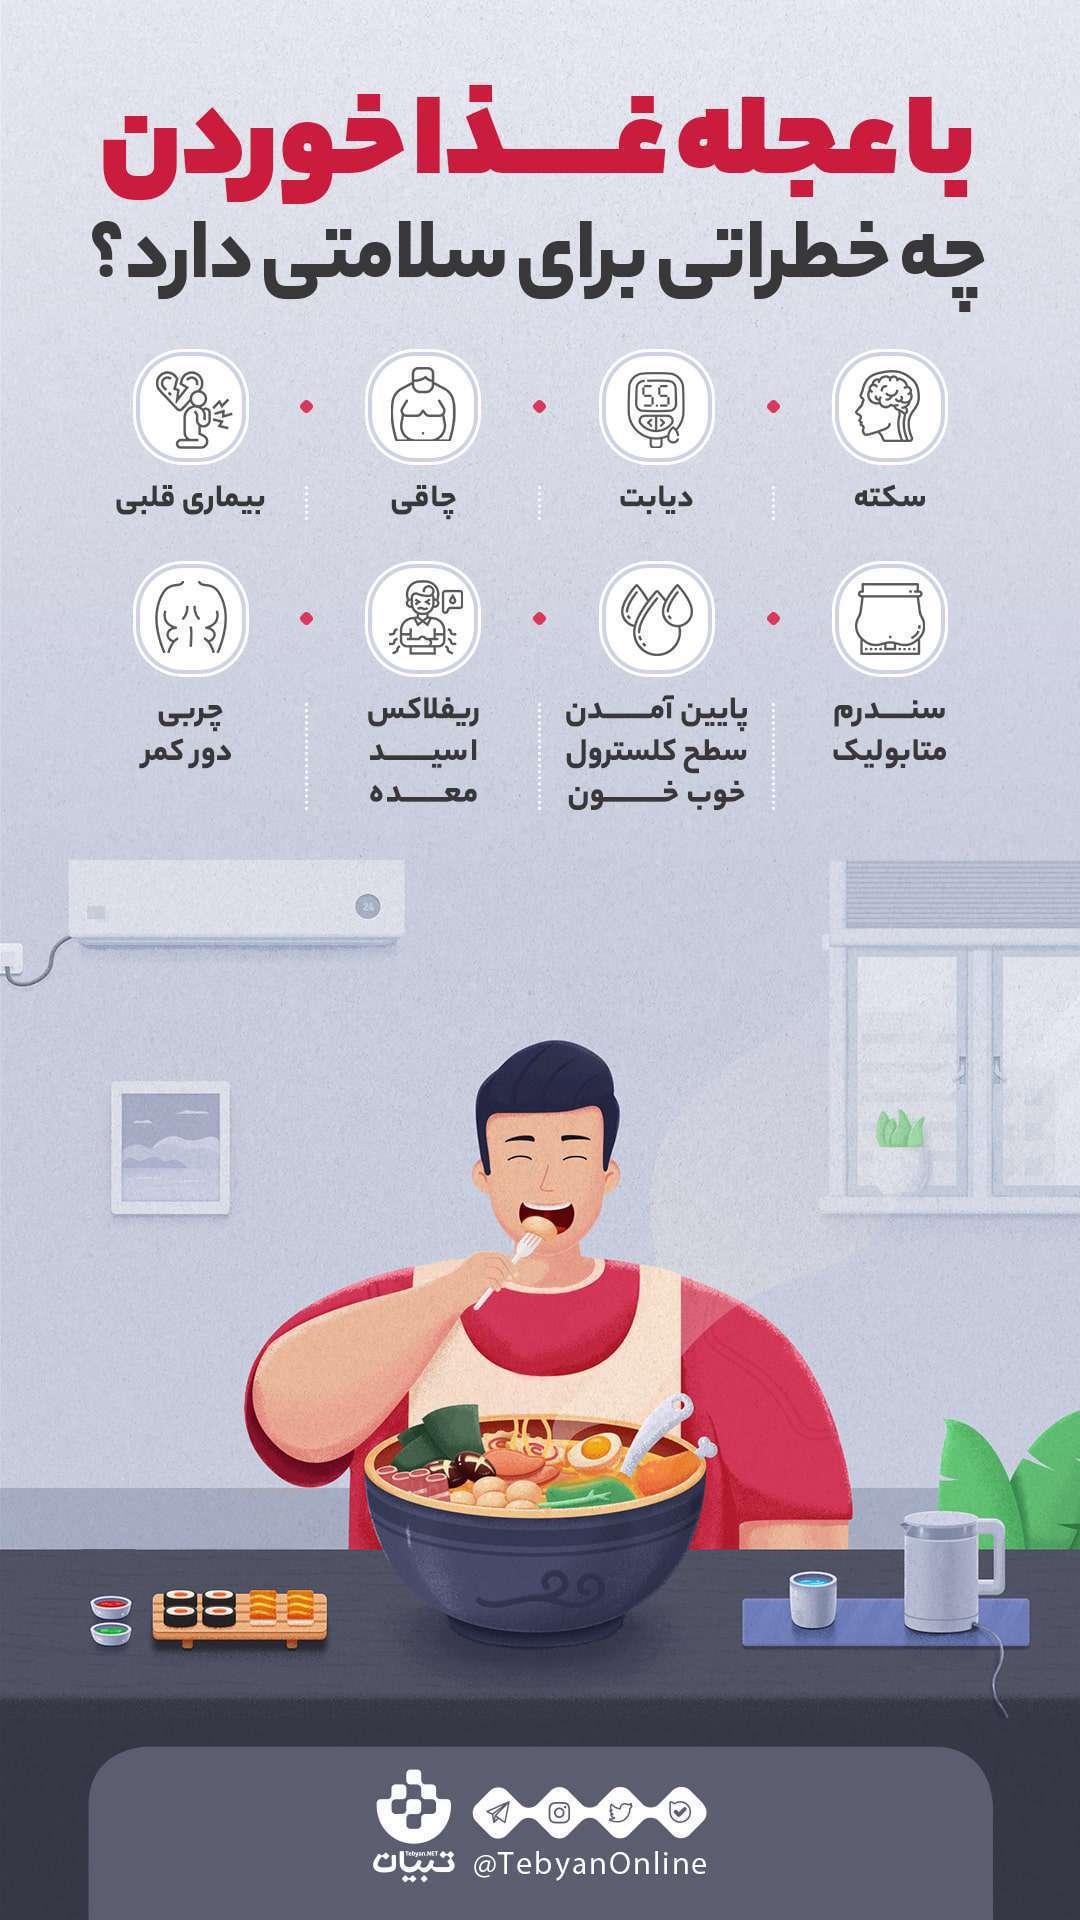 خطرات تند غذا خوردن، بیماری قلبی، سندرم متابولیک، ریفلاکس اسید معده، چربی دور کمر،